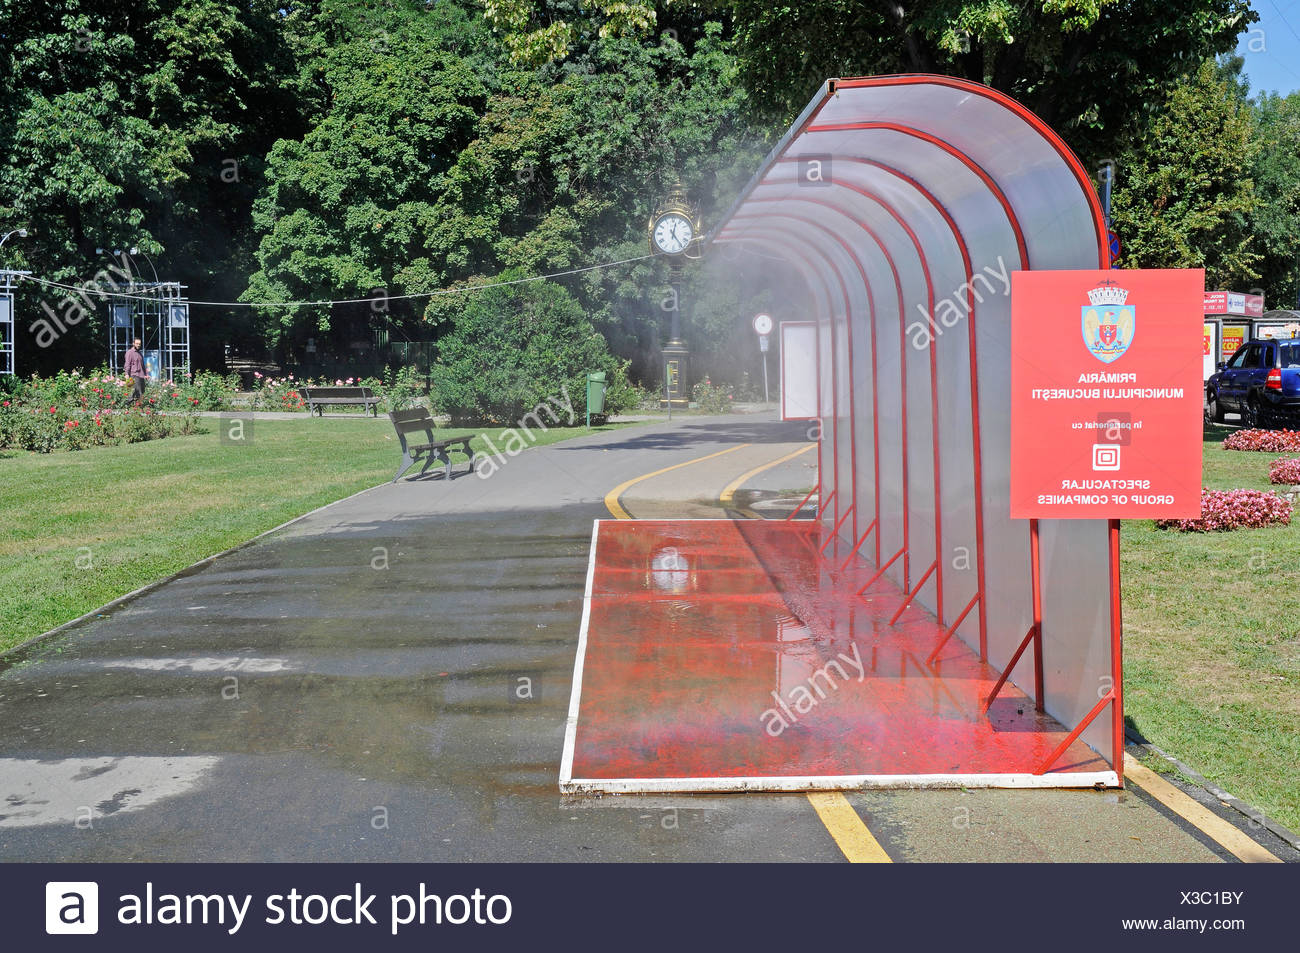 Sistema de aspersión de agua pública, el calor, el agua, refrigeración, verano, Bucarest, Rumania, Europa oriental, Europa PublicGround Imagen De Stock